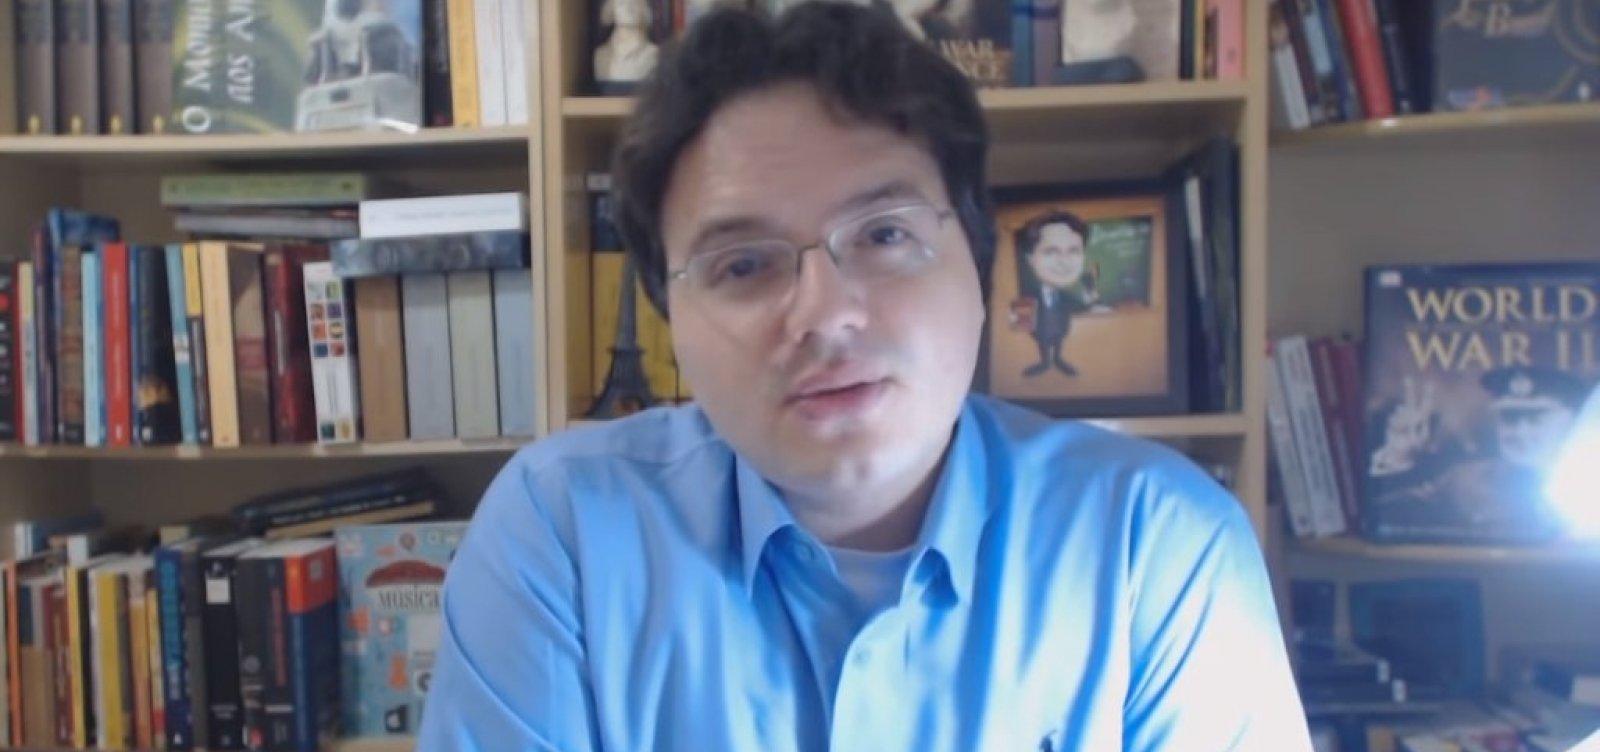 Novo presidente da Biblioteca Nacional associa Caetano Veloso ao analfabetismo